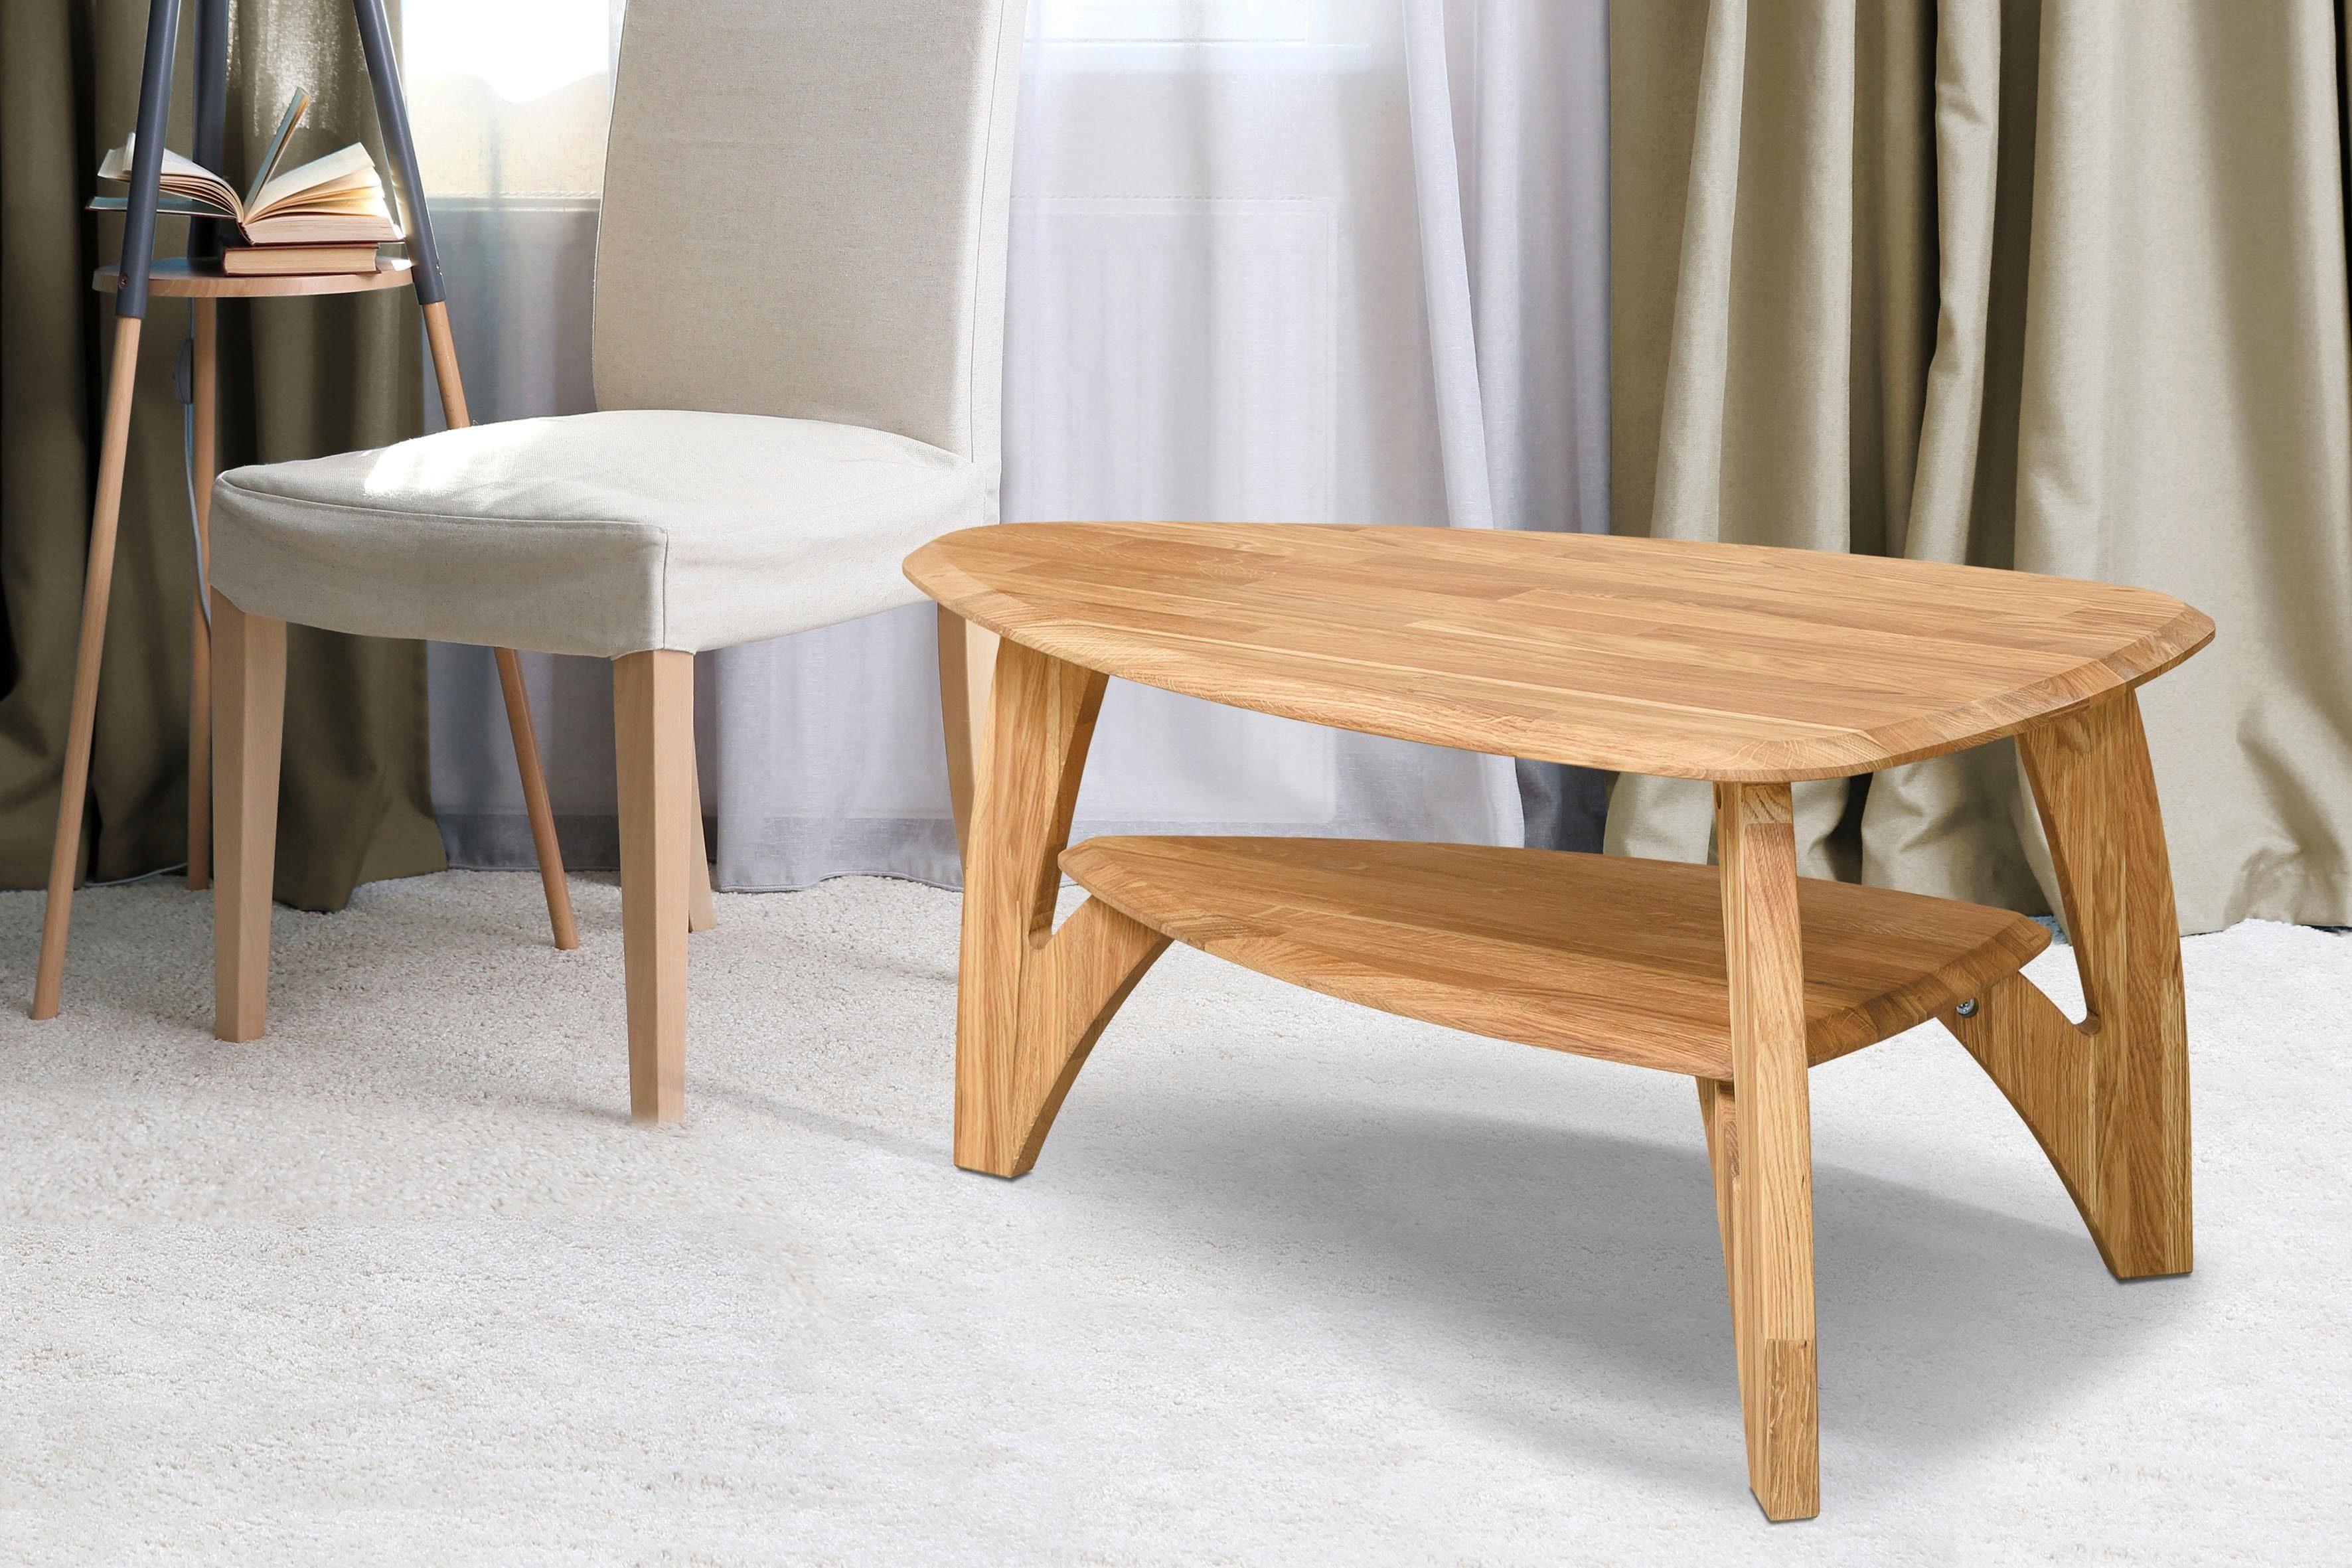 Home affaire Couchtisch »Oja« in ovaler Form, aus massivem Eichenholz, Breite 90 cm